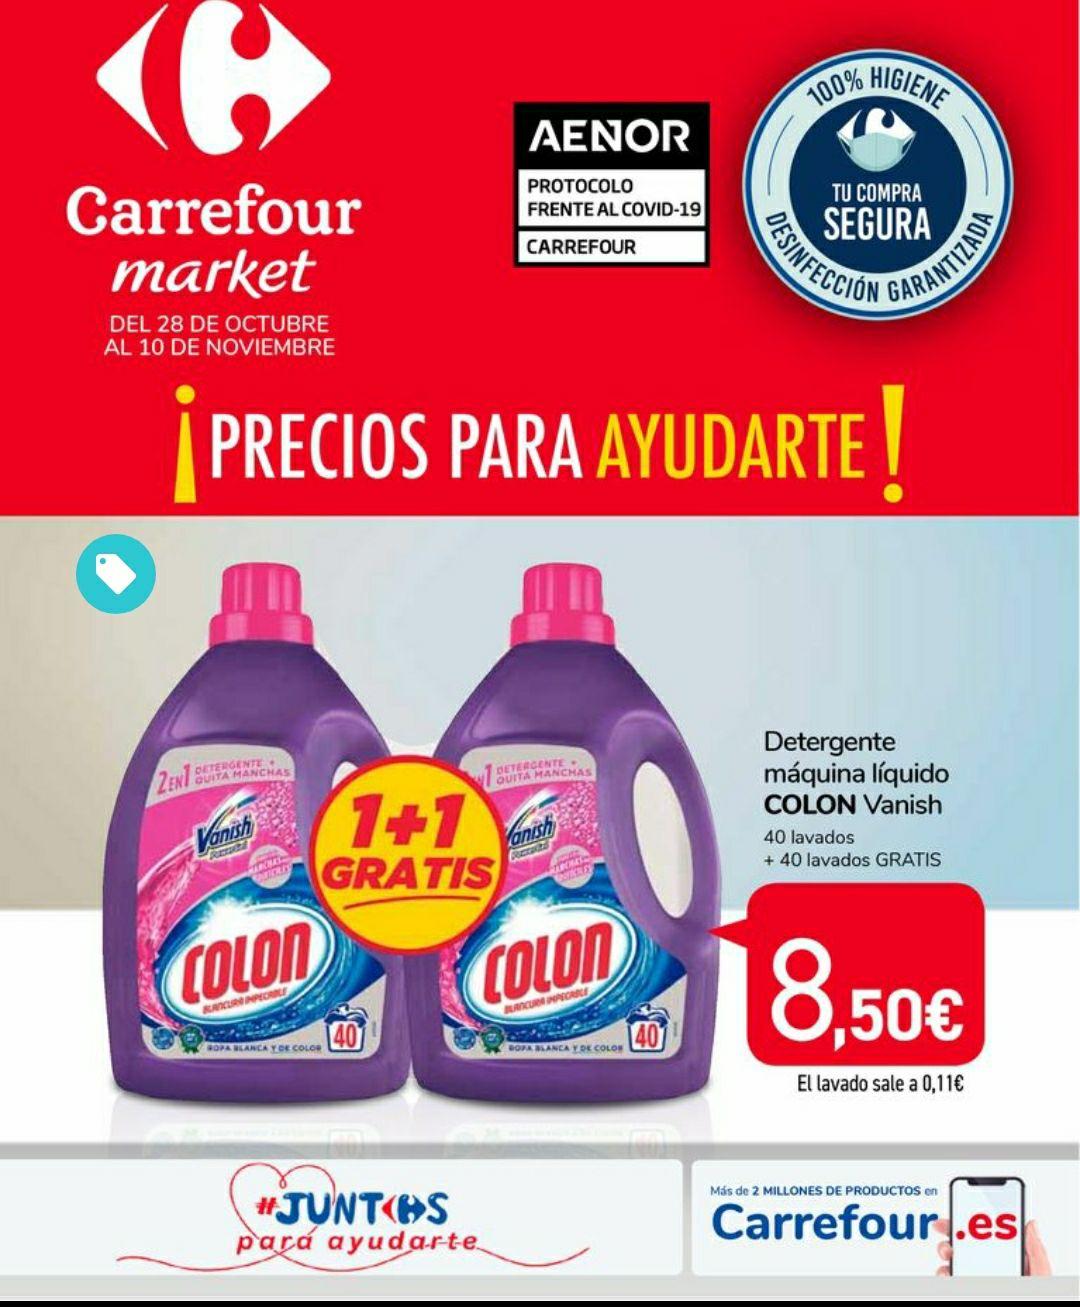 Detergente Colón Vanish 2x1